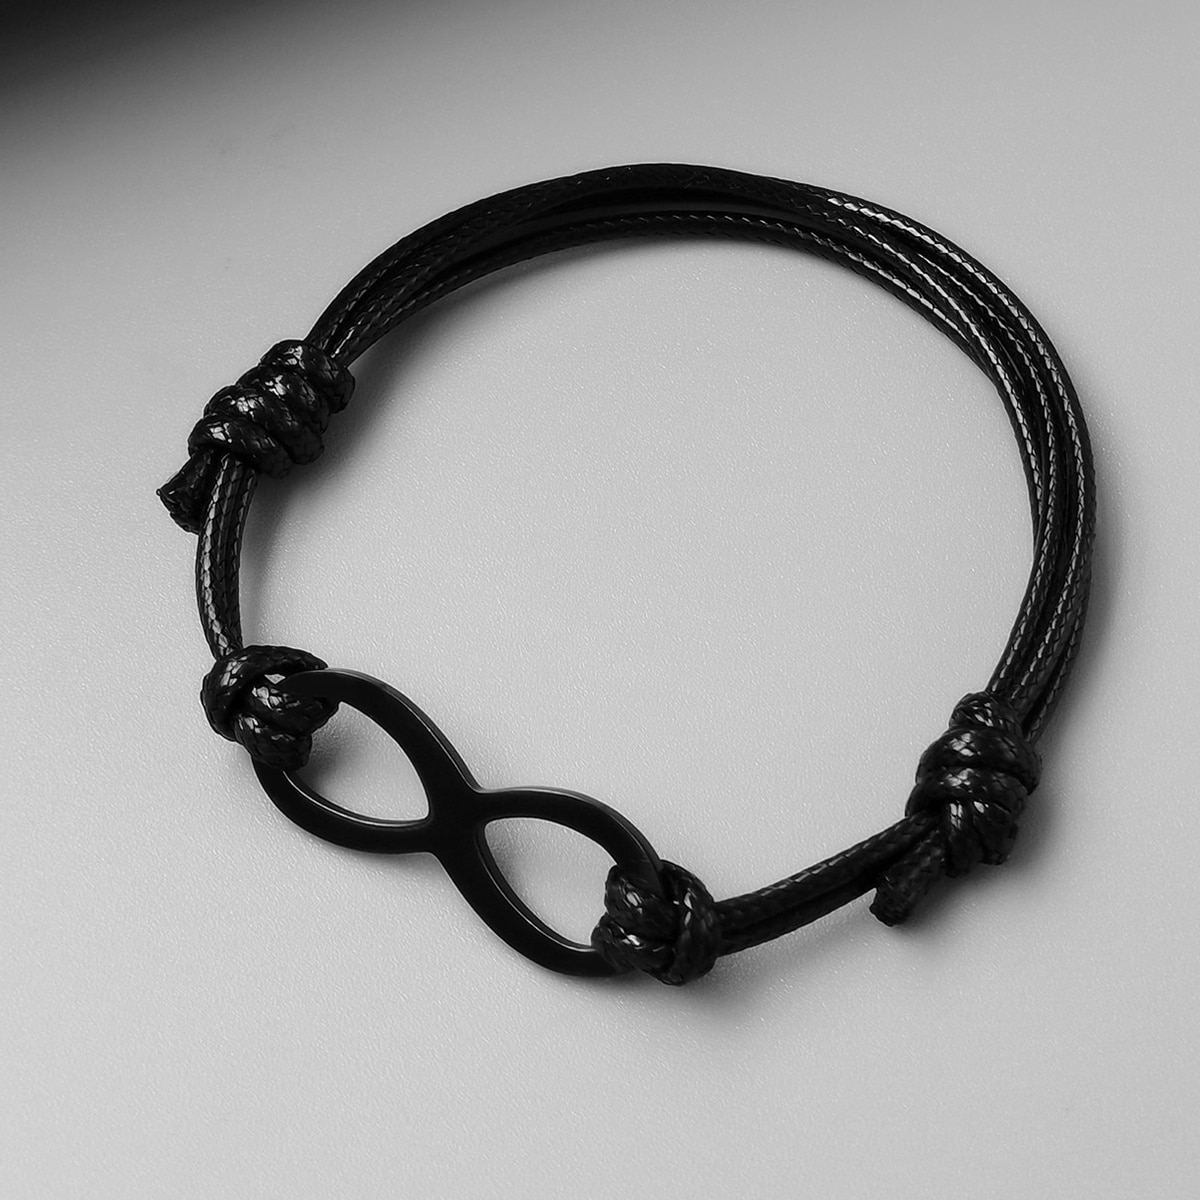 Плетеный браслет для мужчин с бесконечным декором